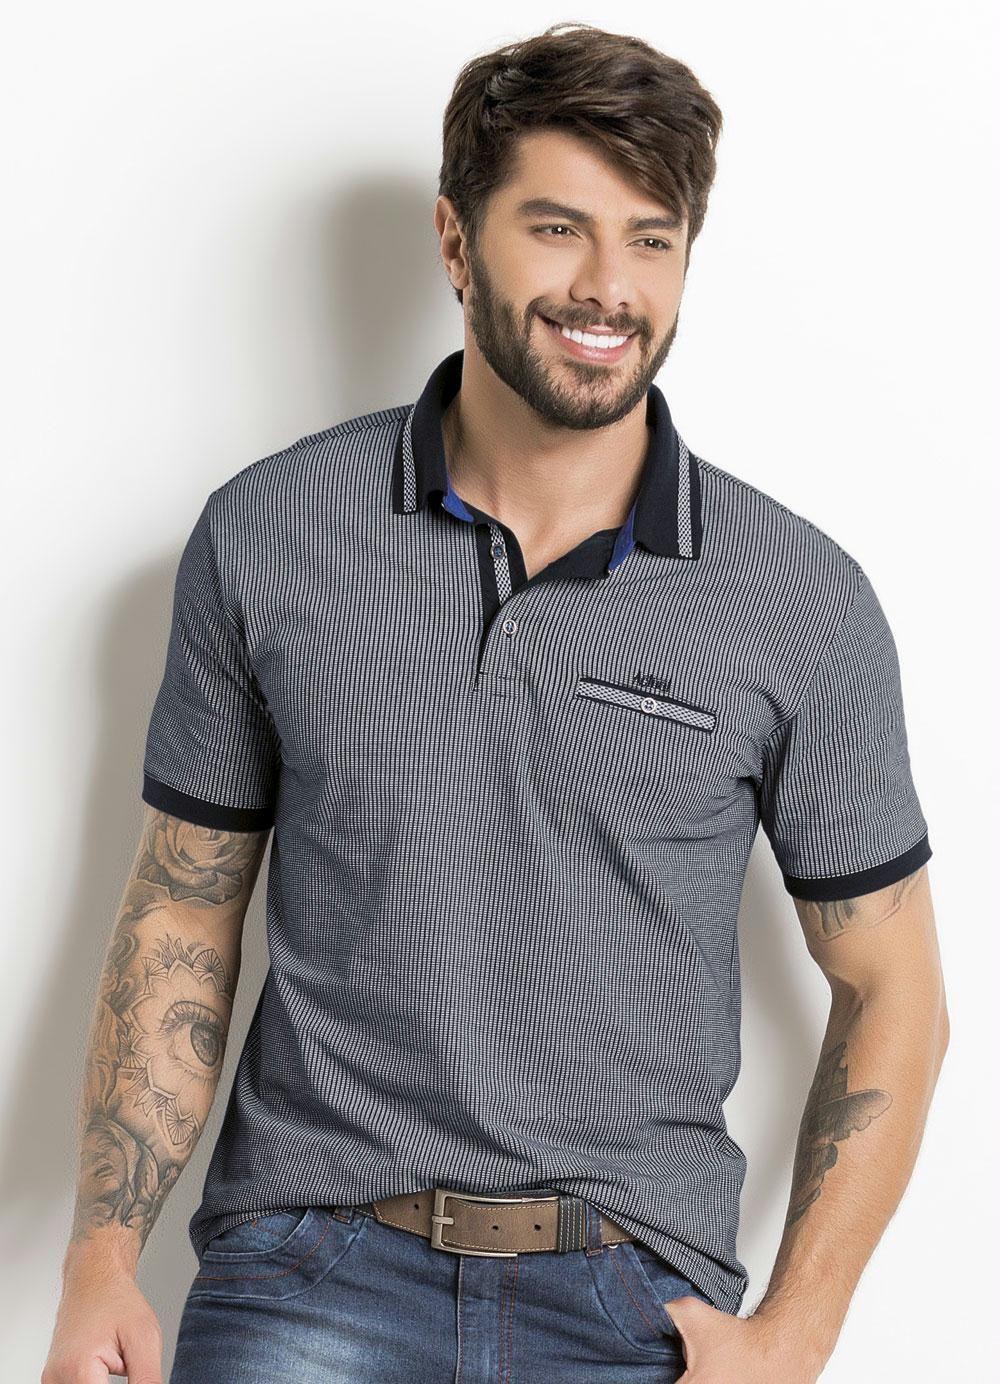 f13520f6ad9 Camisa Polo Estampada com Detalhe Bolso e Gola - Actual